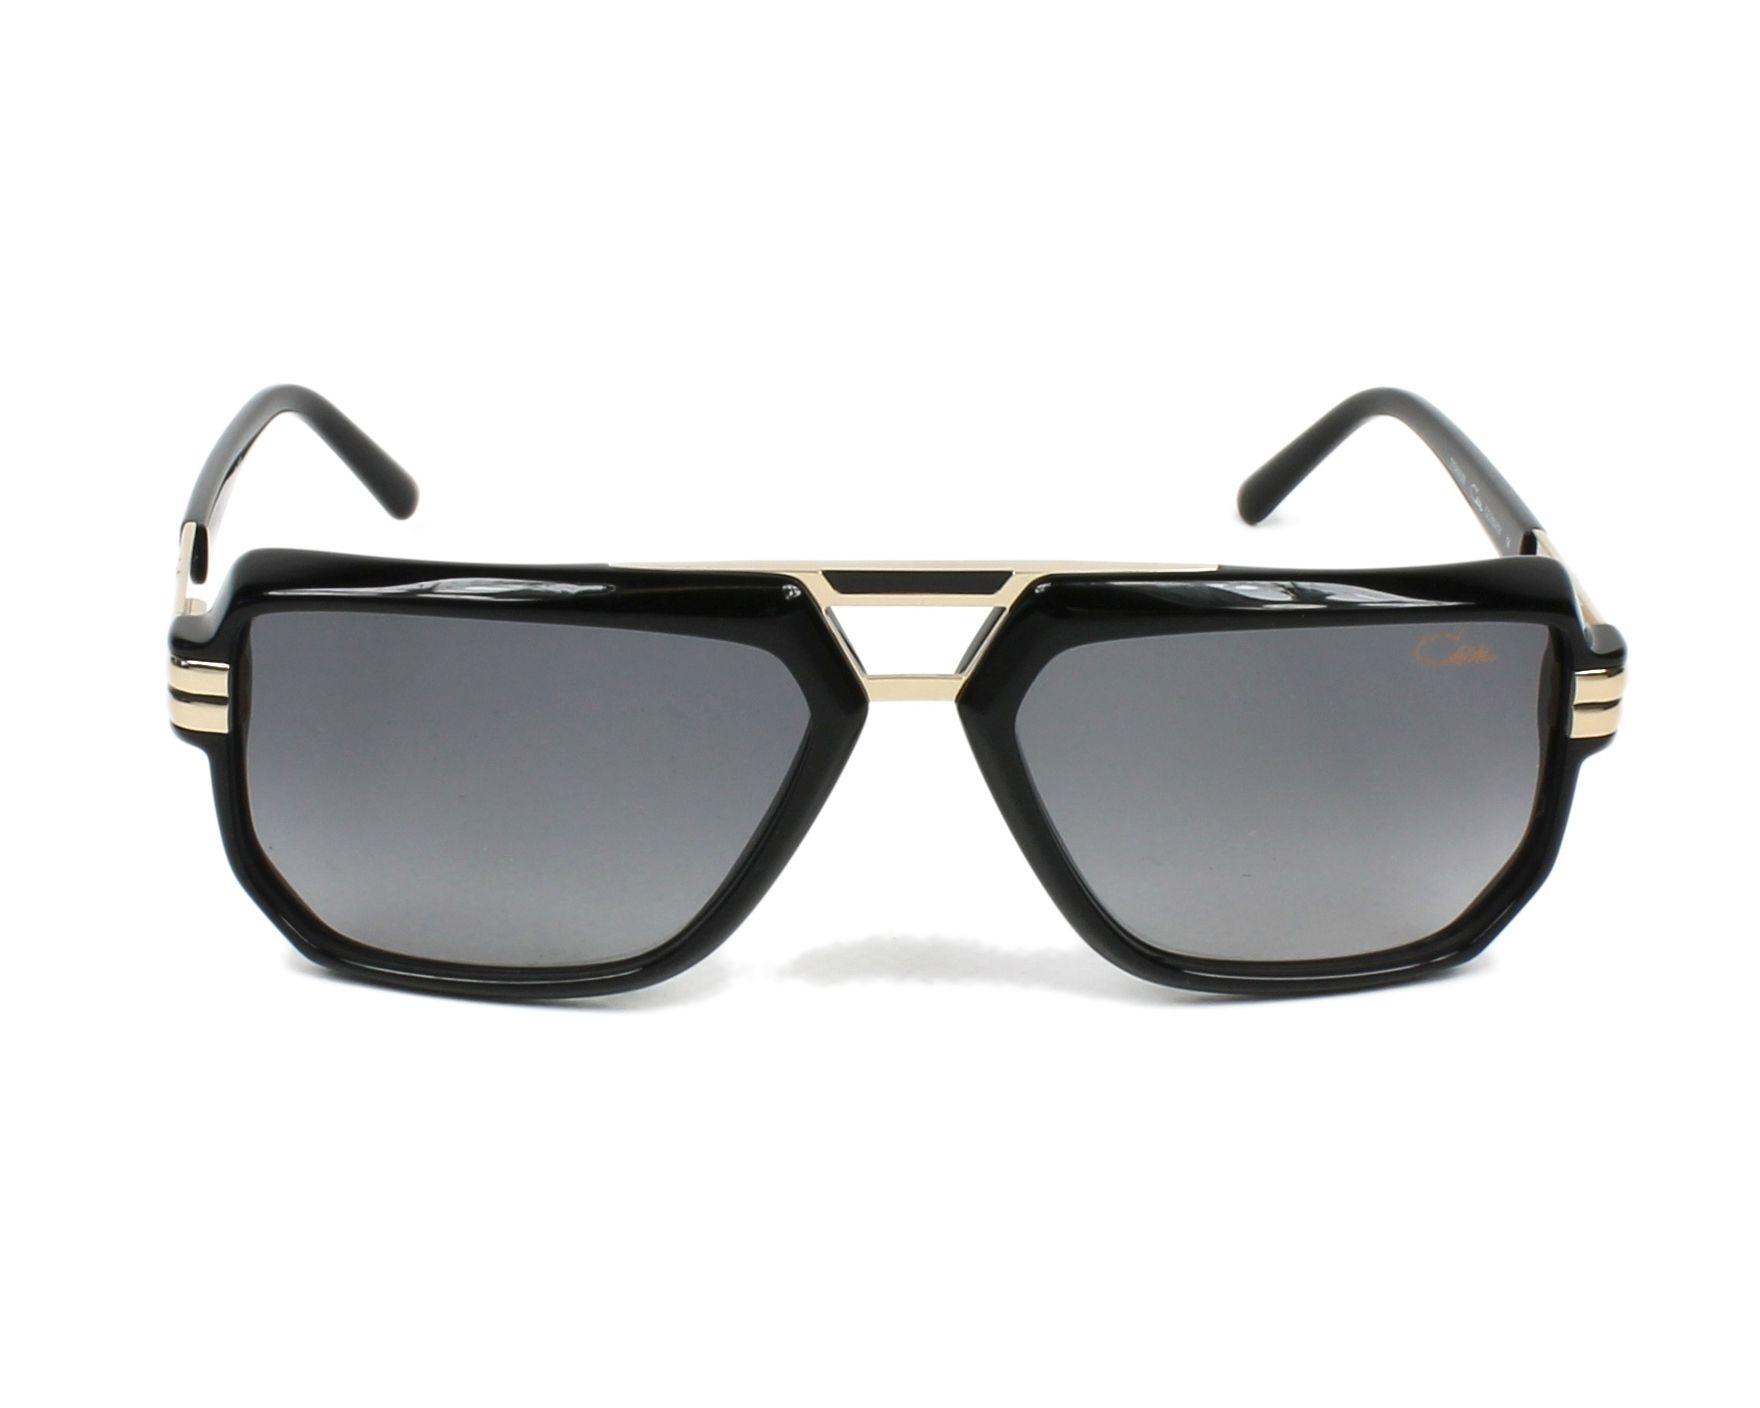 lunettes de soleil cazal 6013 3 001 noir avec des verres gris. Black Bedroom Furniture Sets. Home Design Ideas